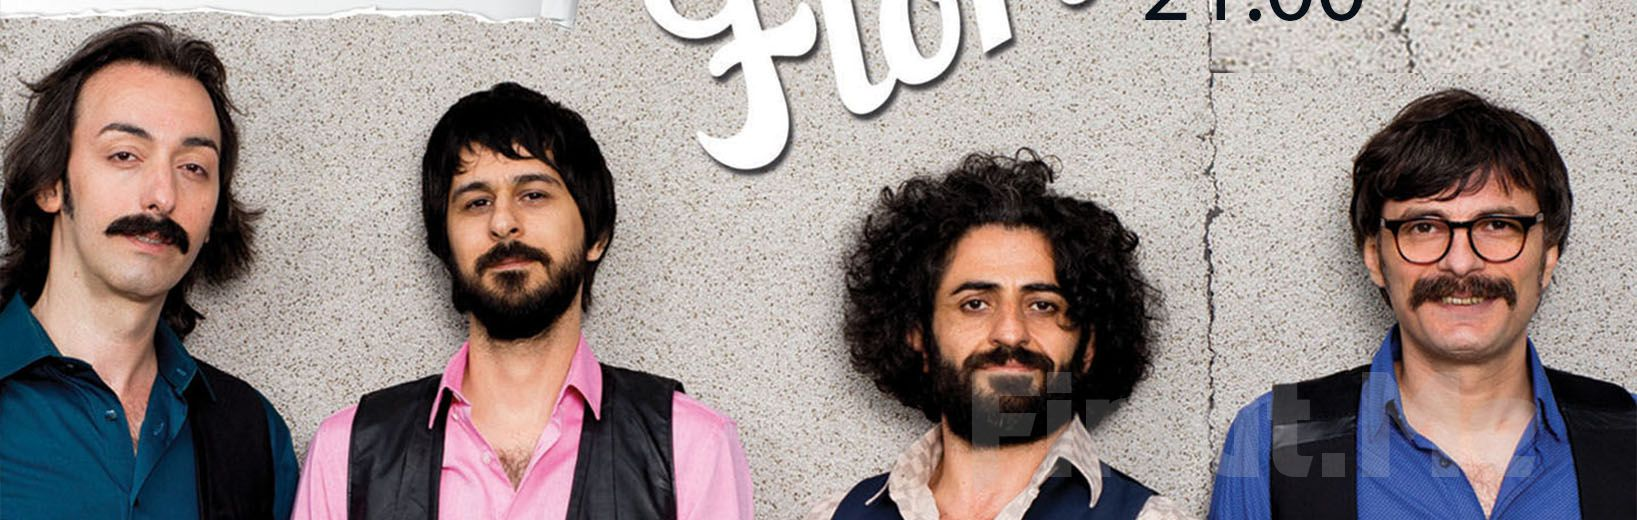 Beyoğlu Sanat Performance'ta 26 Temmuz'da FLÖRT Açık Hava Konseri Giriş Bileti!